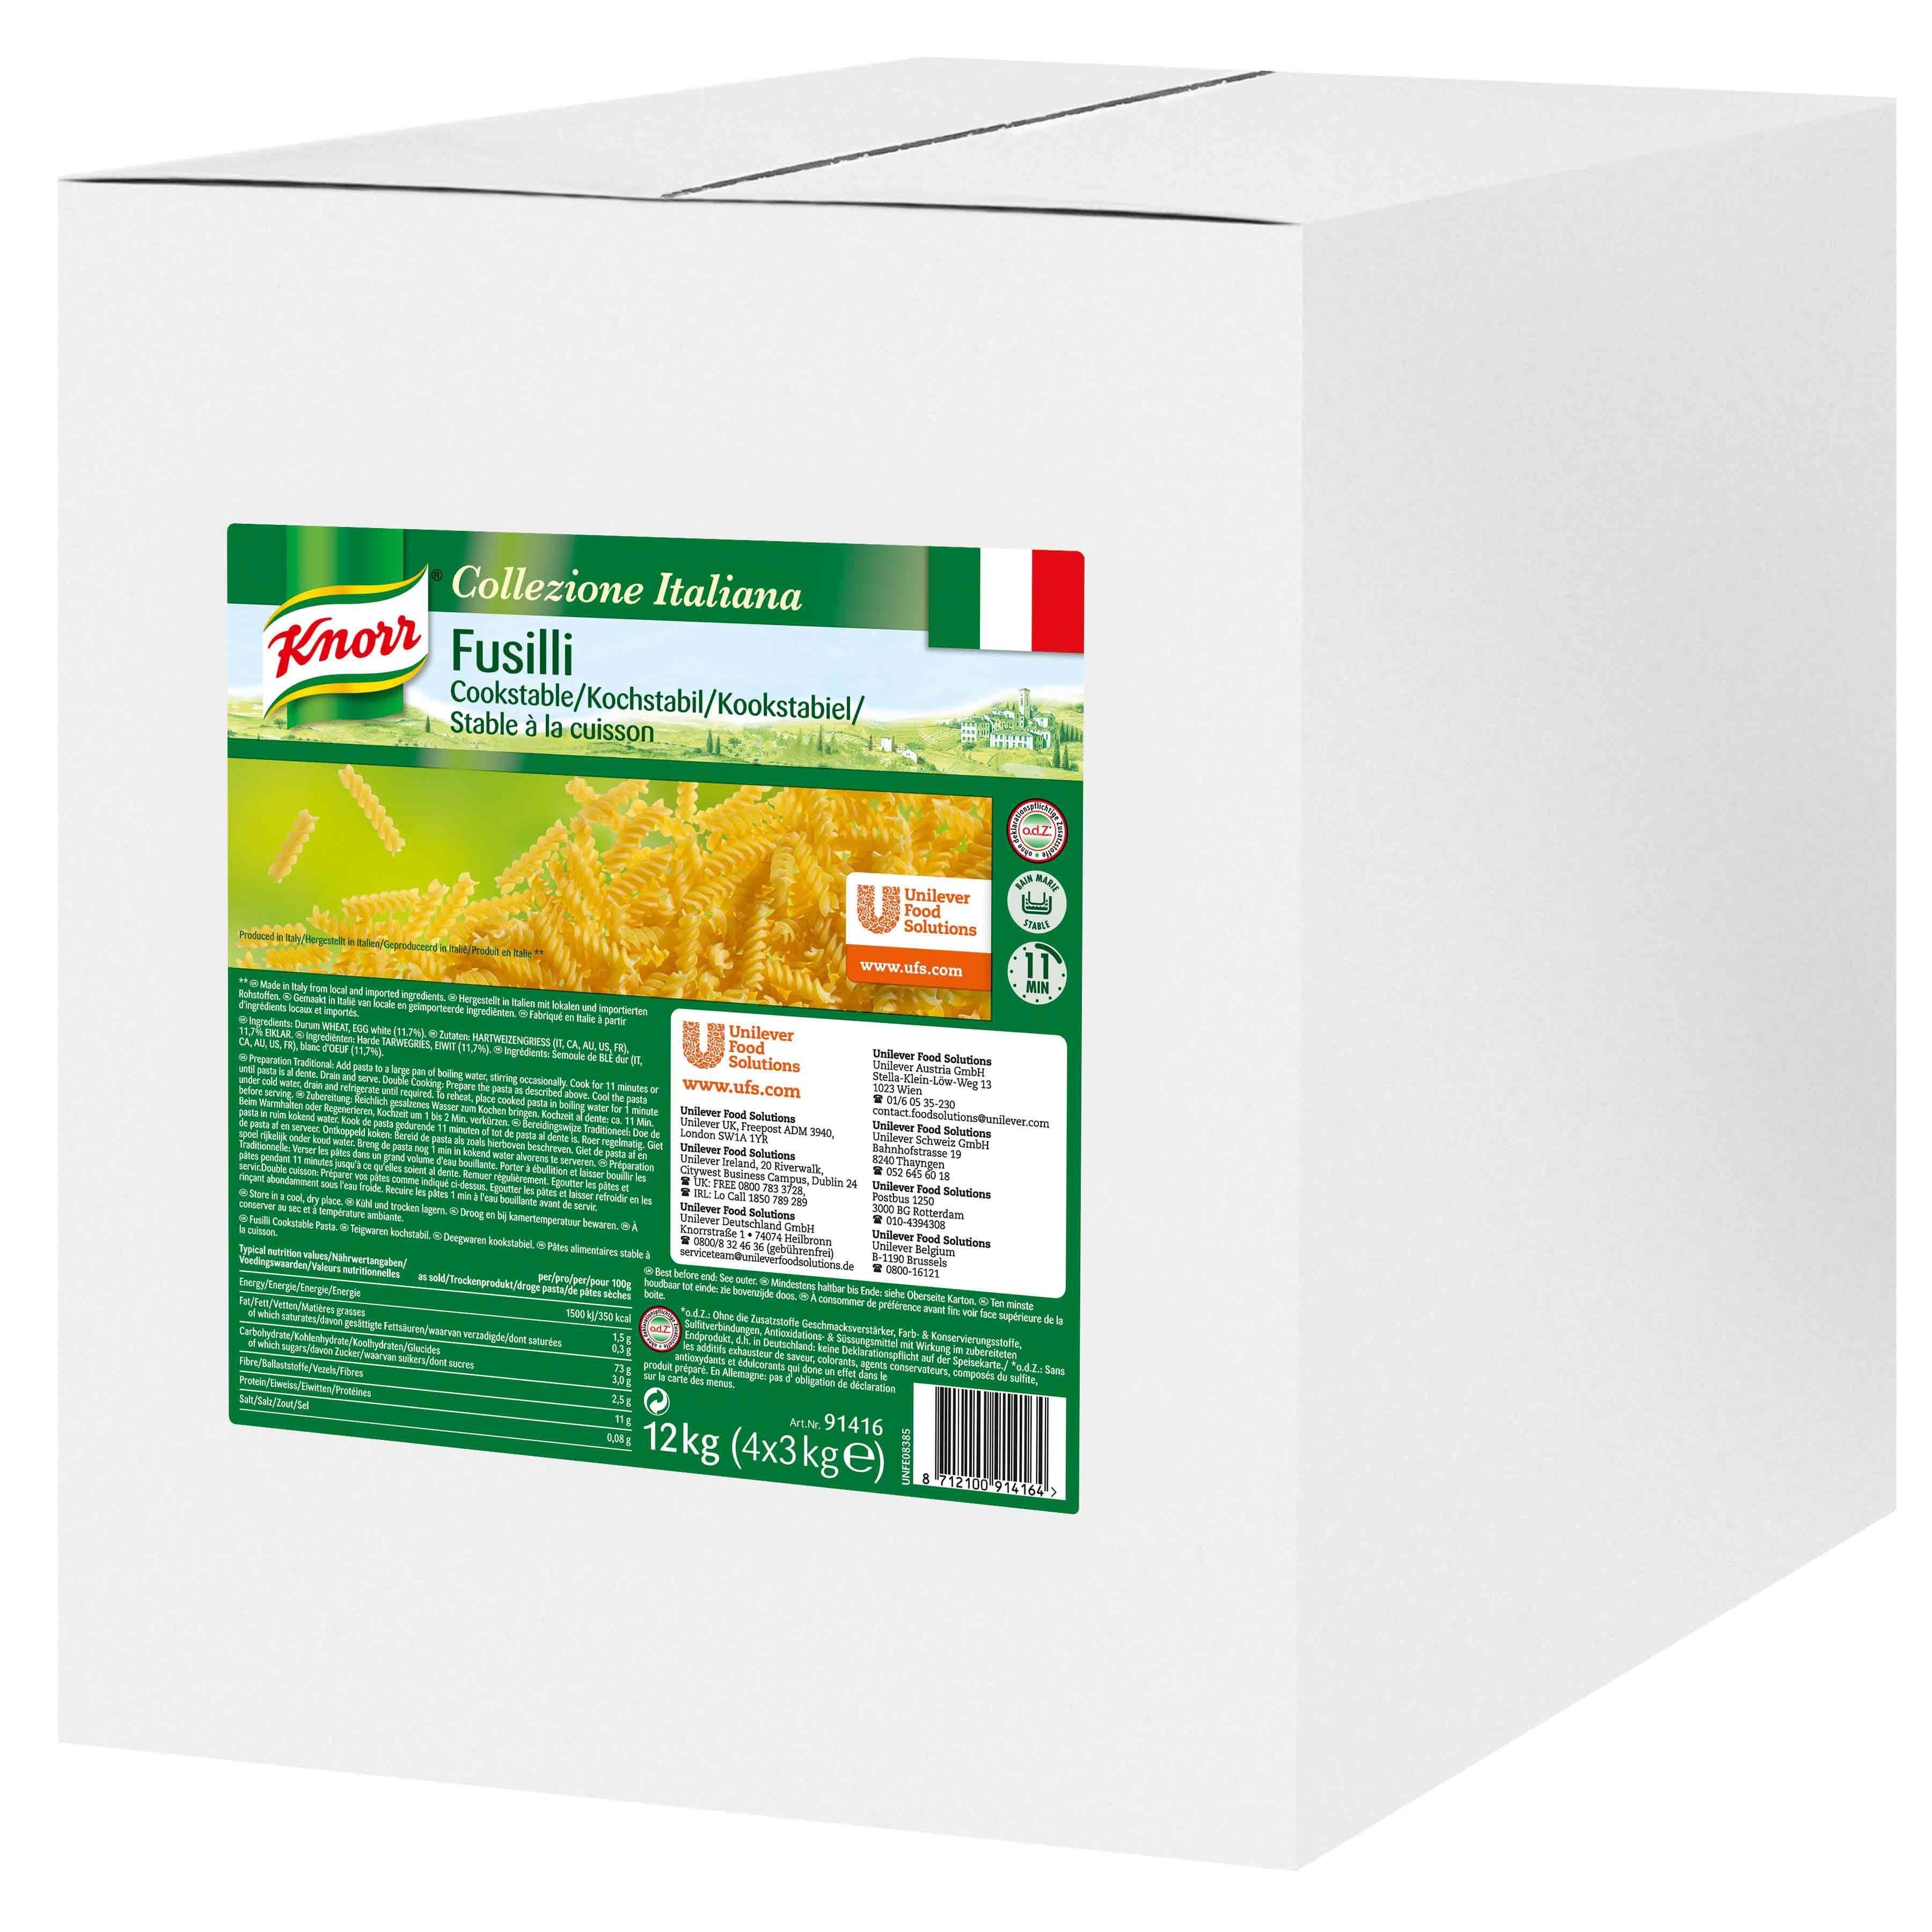 Knorr pates Fusilli 12kg pate stable a la cuisson Collezione Italiana